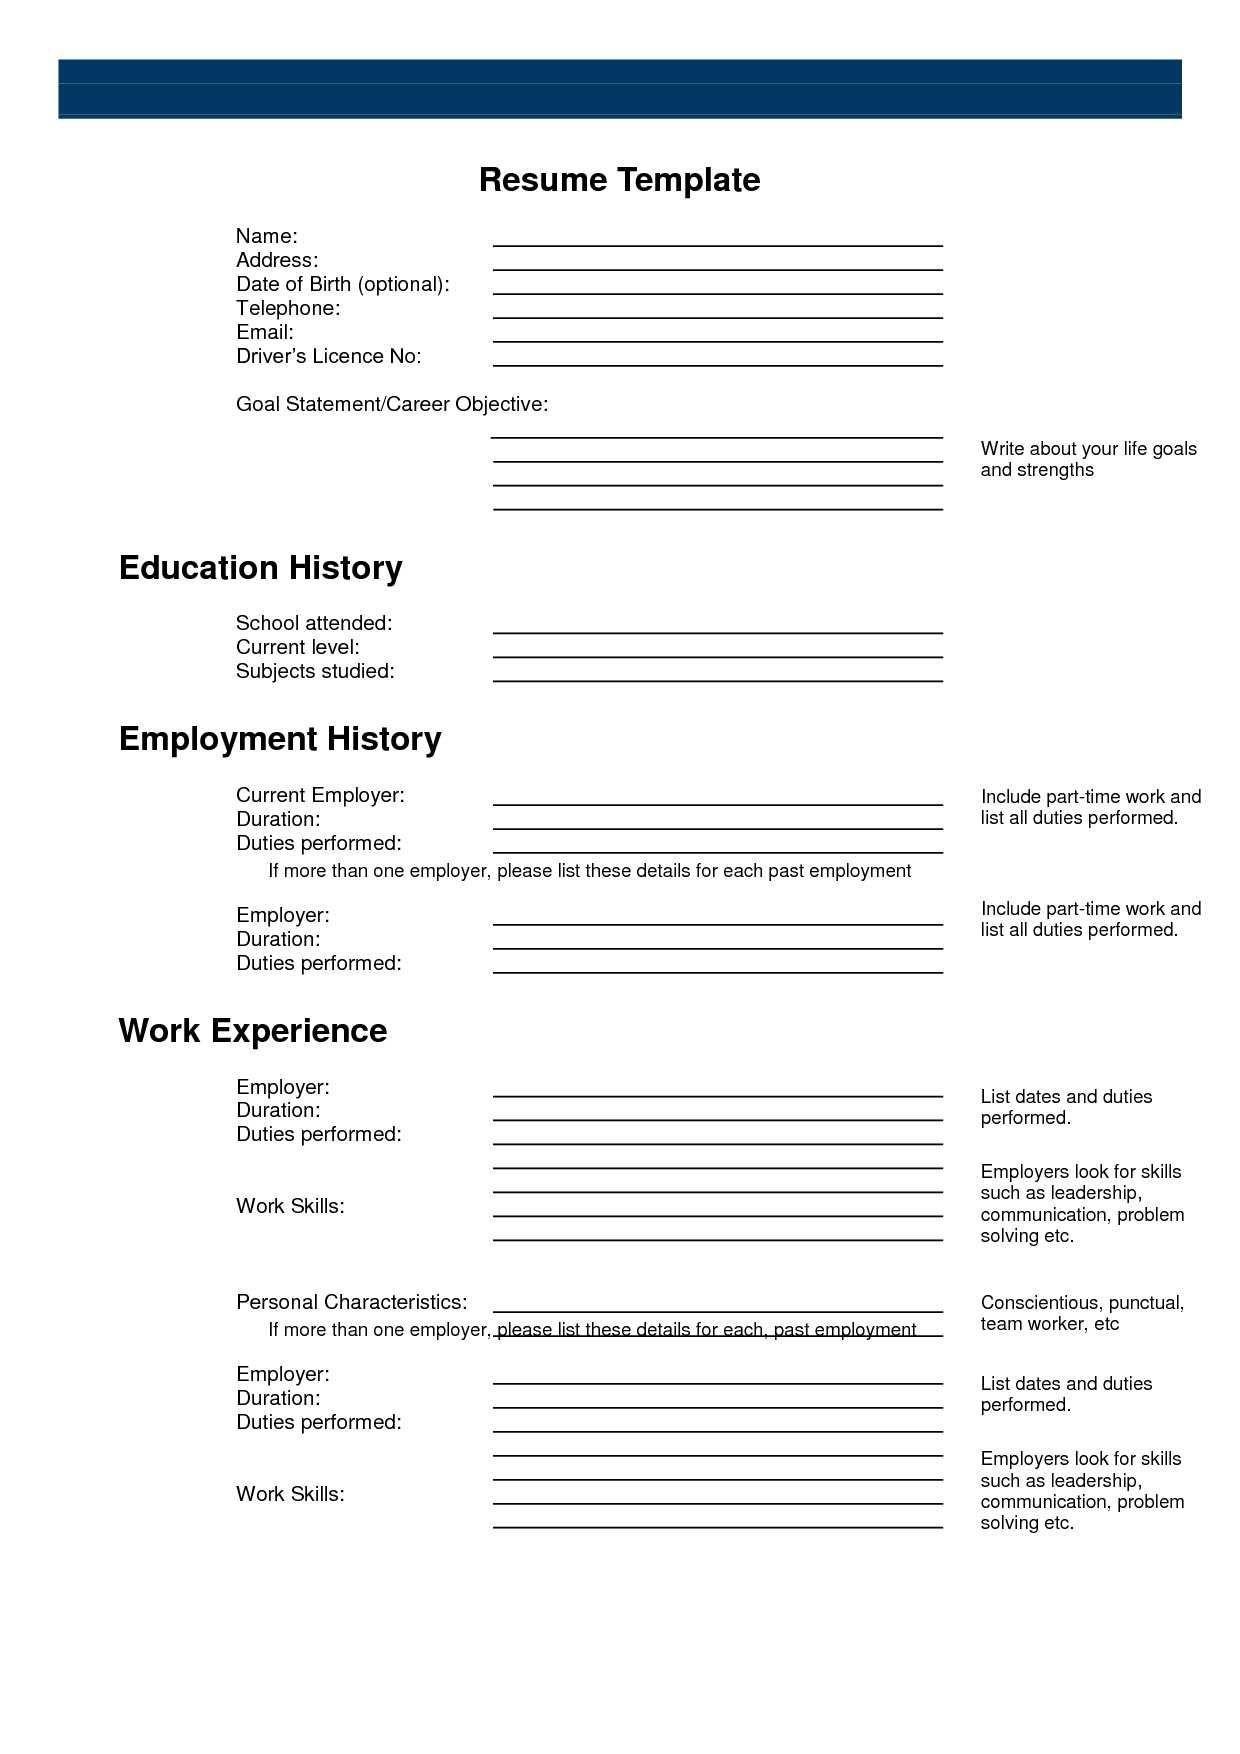 Pinanishfeds On Resumes | Free Printable Resume, Free Printable - Free Online Printable Resume Forms